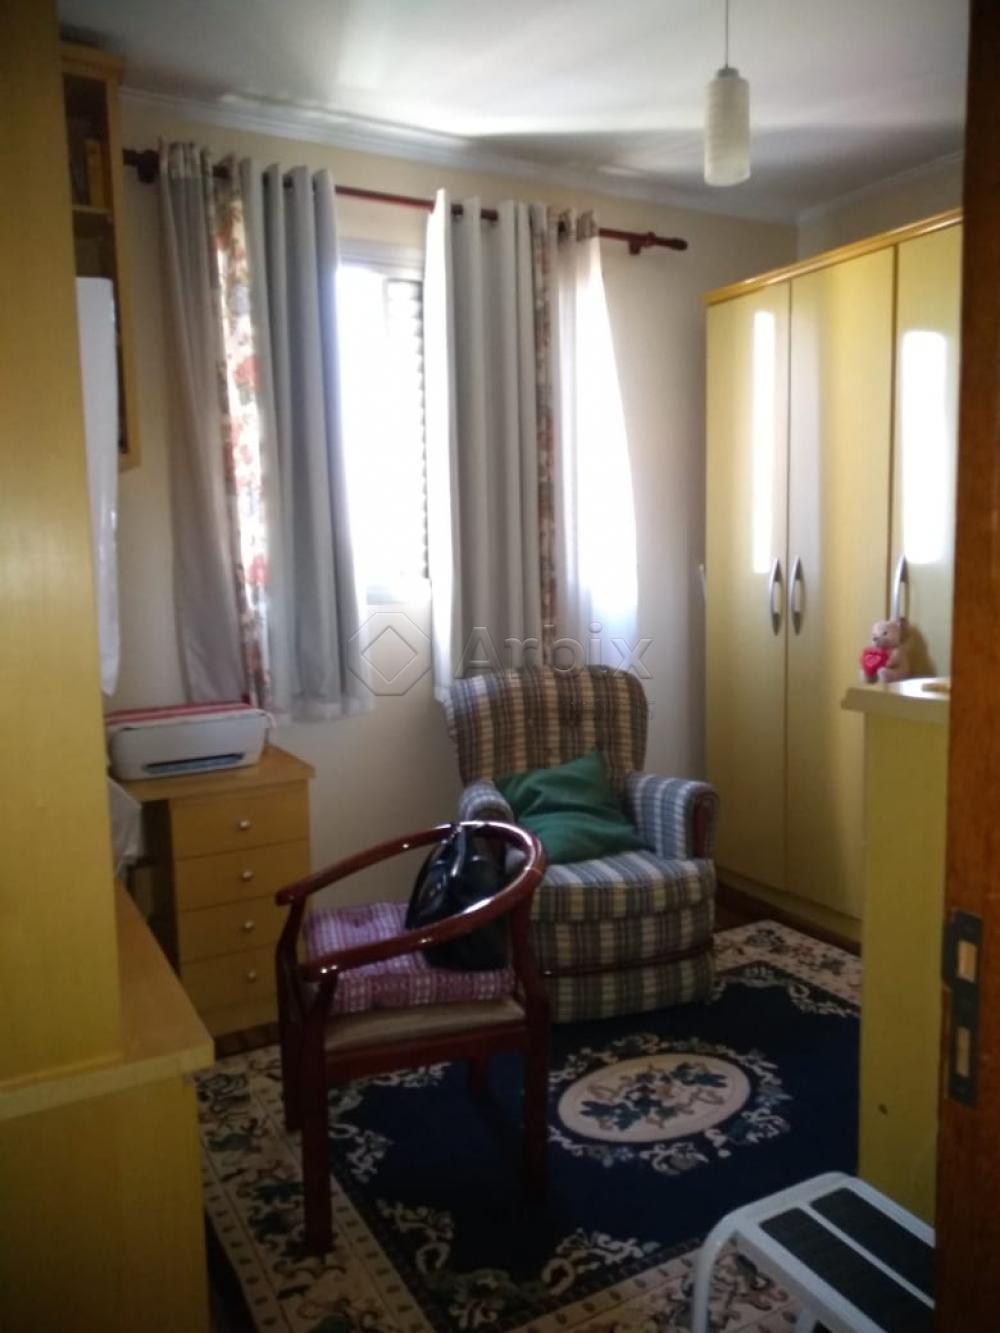 Comprar Apartamento / Padrão em Americana apenas R$ 280.000,00 - Foto 21